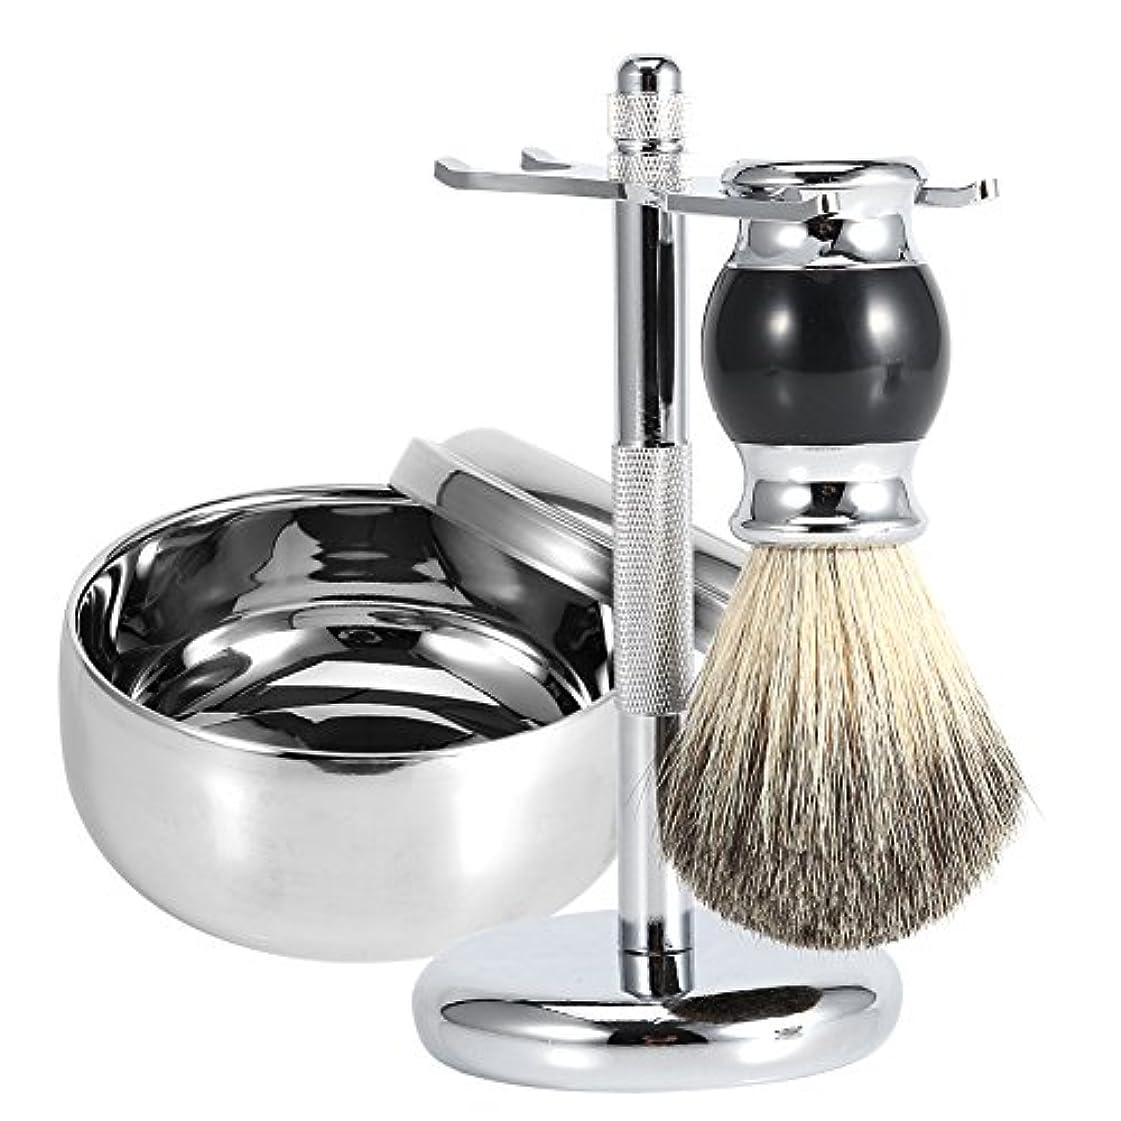 予測するトラフペフシェービングブラシセット メンズシェービングツール 石鹸ボウル 理容 洗顔 髭剃り 泡立ち スタンド ホルダー フェイクバジャーヘアブラシ 合金ソープマグカップキット(3点セット銀)